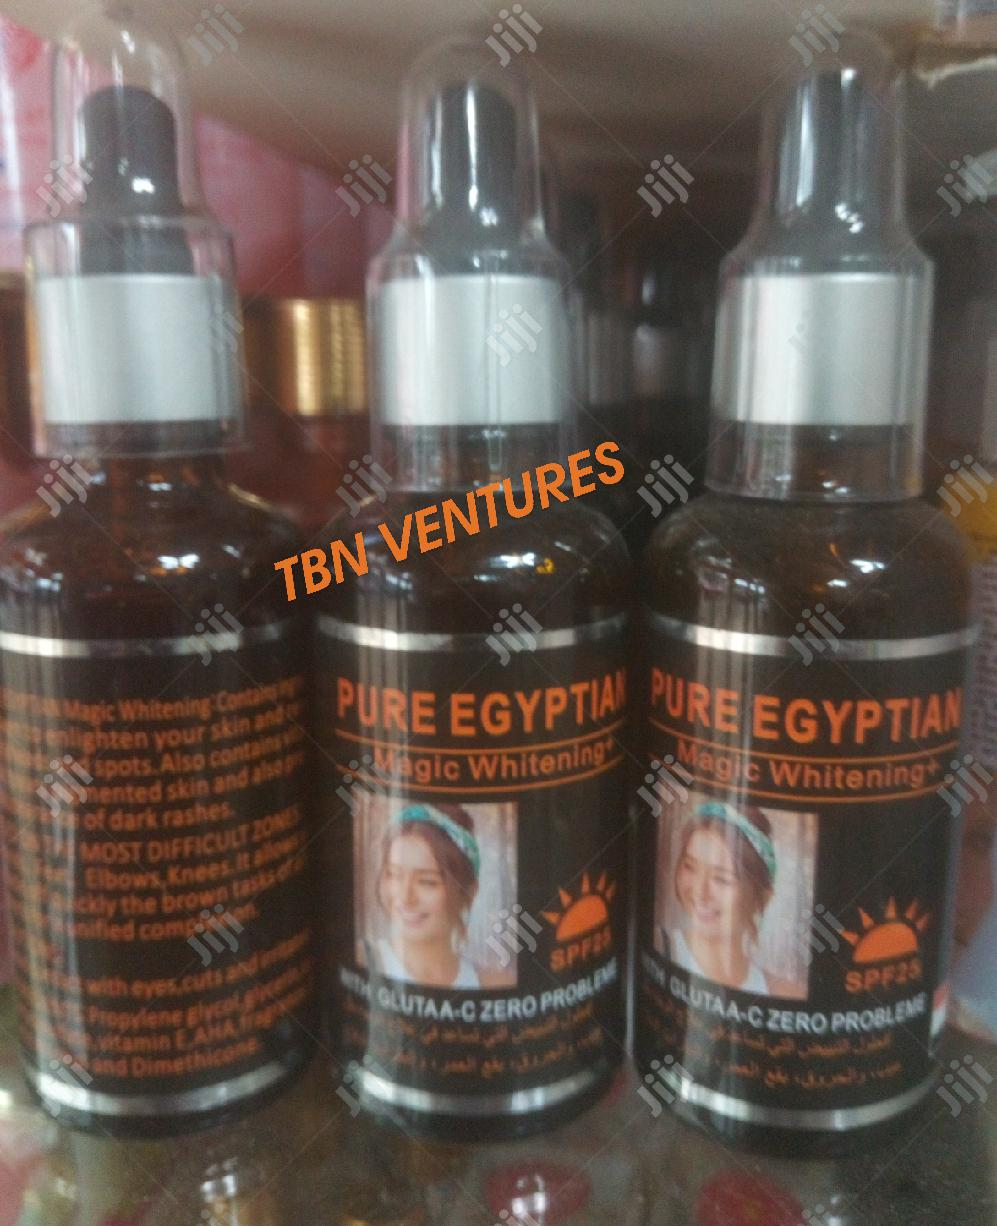 Pure Egyptian Magic Whitening Serum